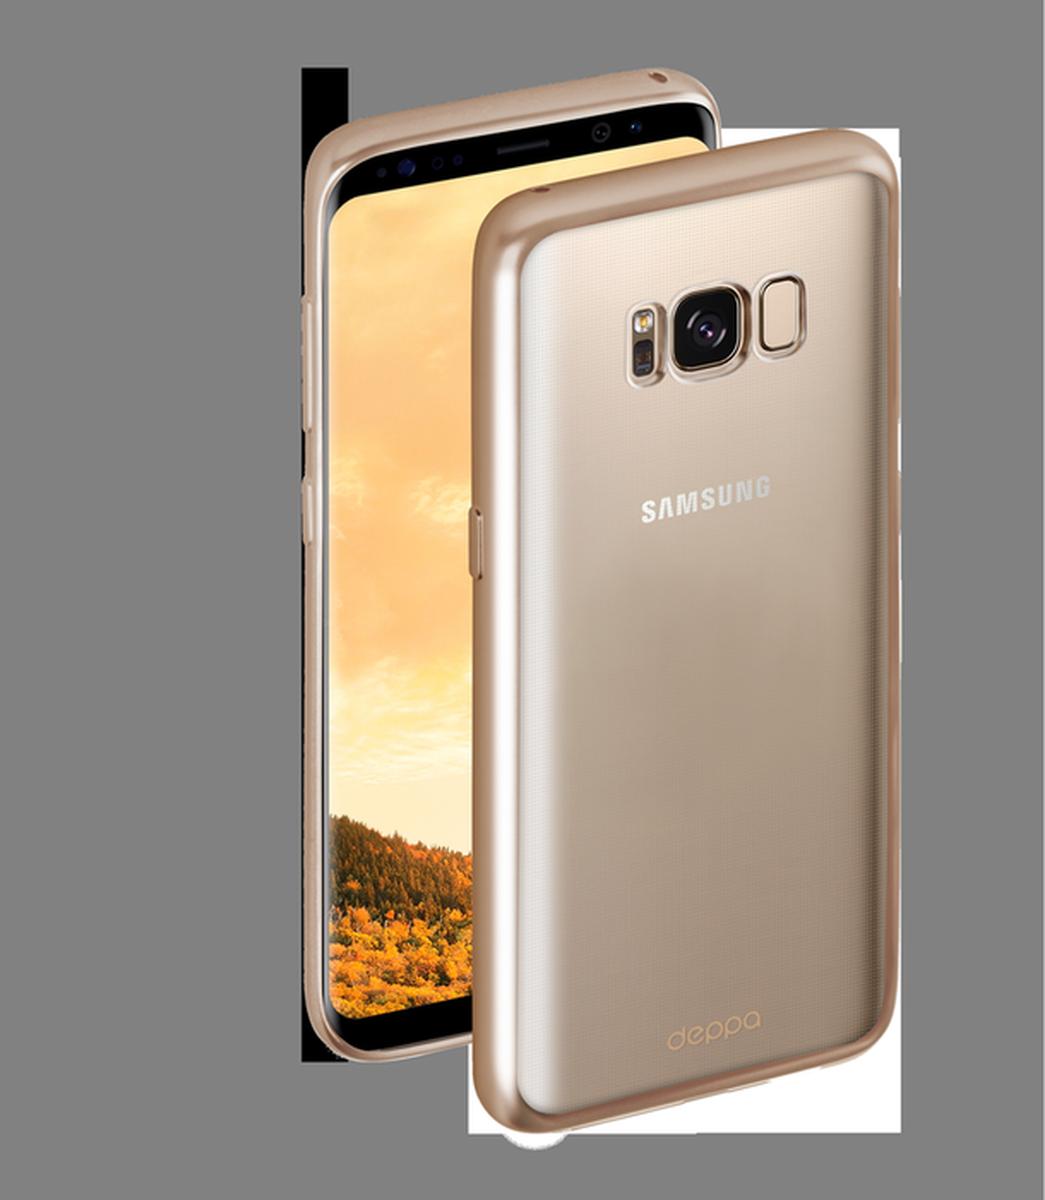 Deppa Gel Plus чехол для Samsung Galaxy S8, Gold85307Чехол Deppa Gel Plus предназначен для защиты корпуса Samsung Galaxy S8 от механических повреждений и царапин в процессе эксплуатации. Стильная рамка с матовым покрытием придает кейсу Gel Plus особую строгость, и в то же время удачно подчеркивает контуры устройства.Плотный высокотехнологичный TPU (силикон) производства Bayer в разы повышает защитные функции чехла. Кейс эластичен, устойчив к изломам, не запотевает и не желтеет даже при длительной эксплуатации.Кейс надежно защищает Samsung Galaxy S8 со всех сторон и имеет все необходимые, тщательно выверенные отверстия для доступа к функциональным портам, разъемам и кнопкам смартфона. Вы можете легко зарядить устройство, не снимая чехол.